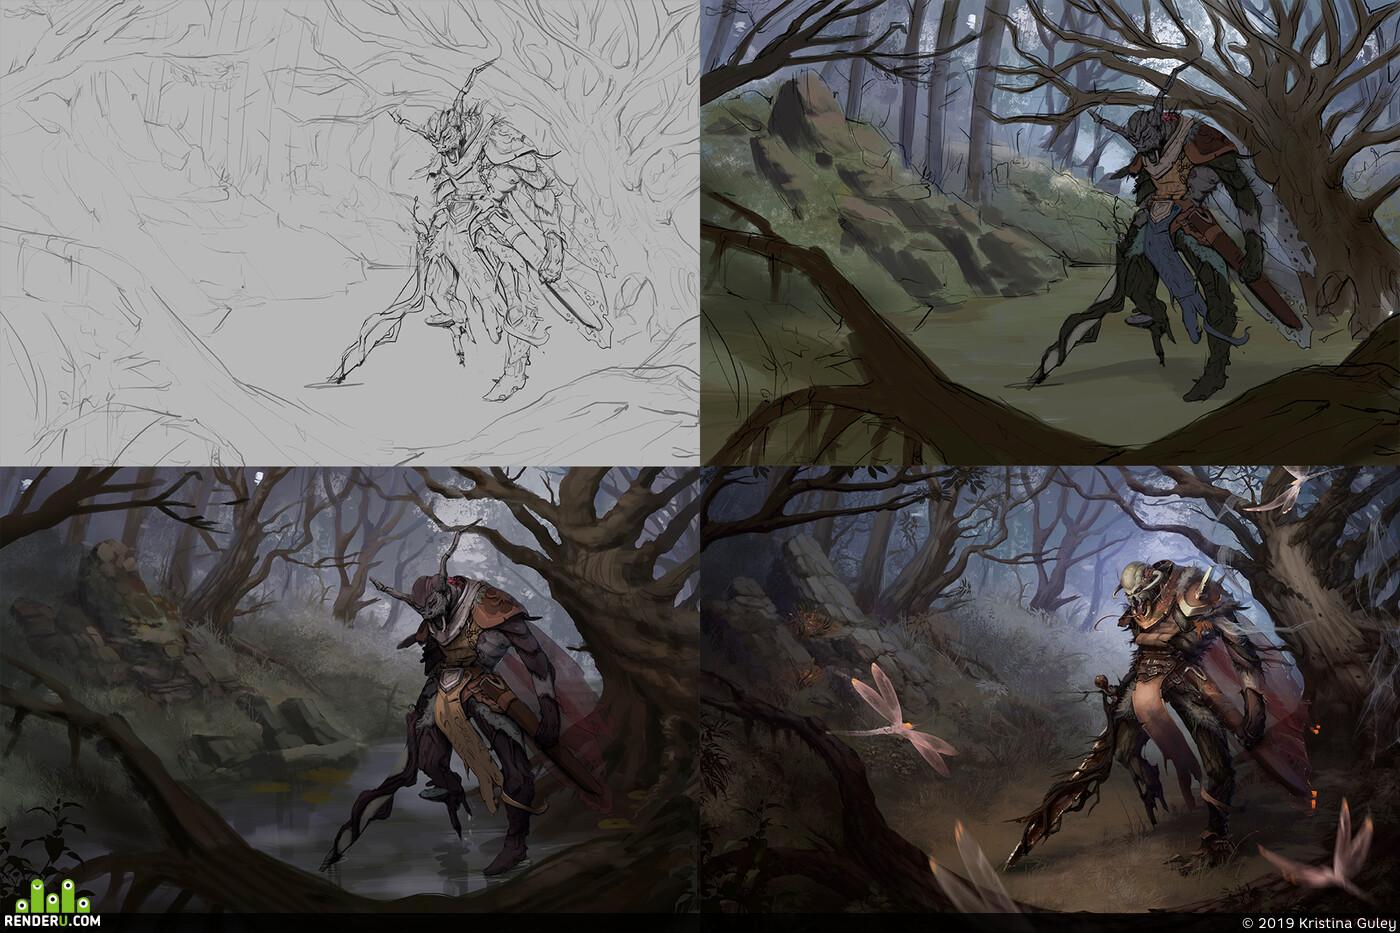 fantasyforest